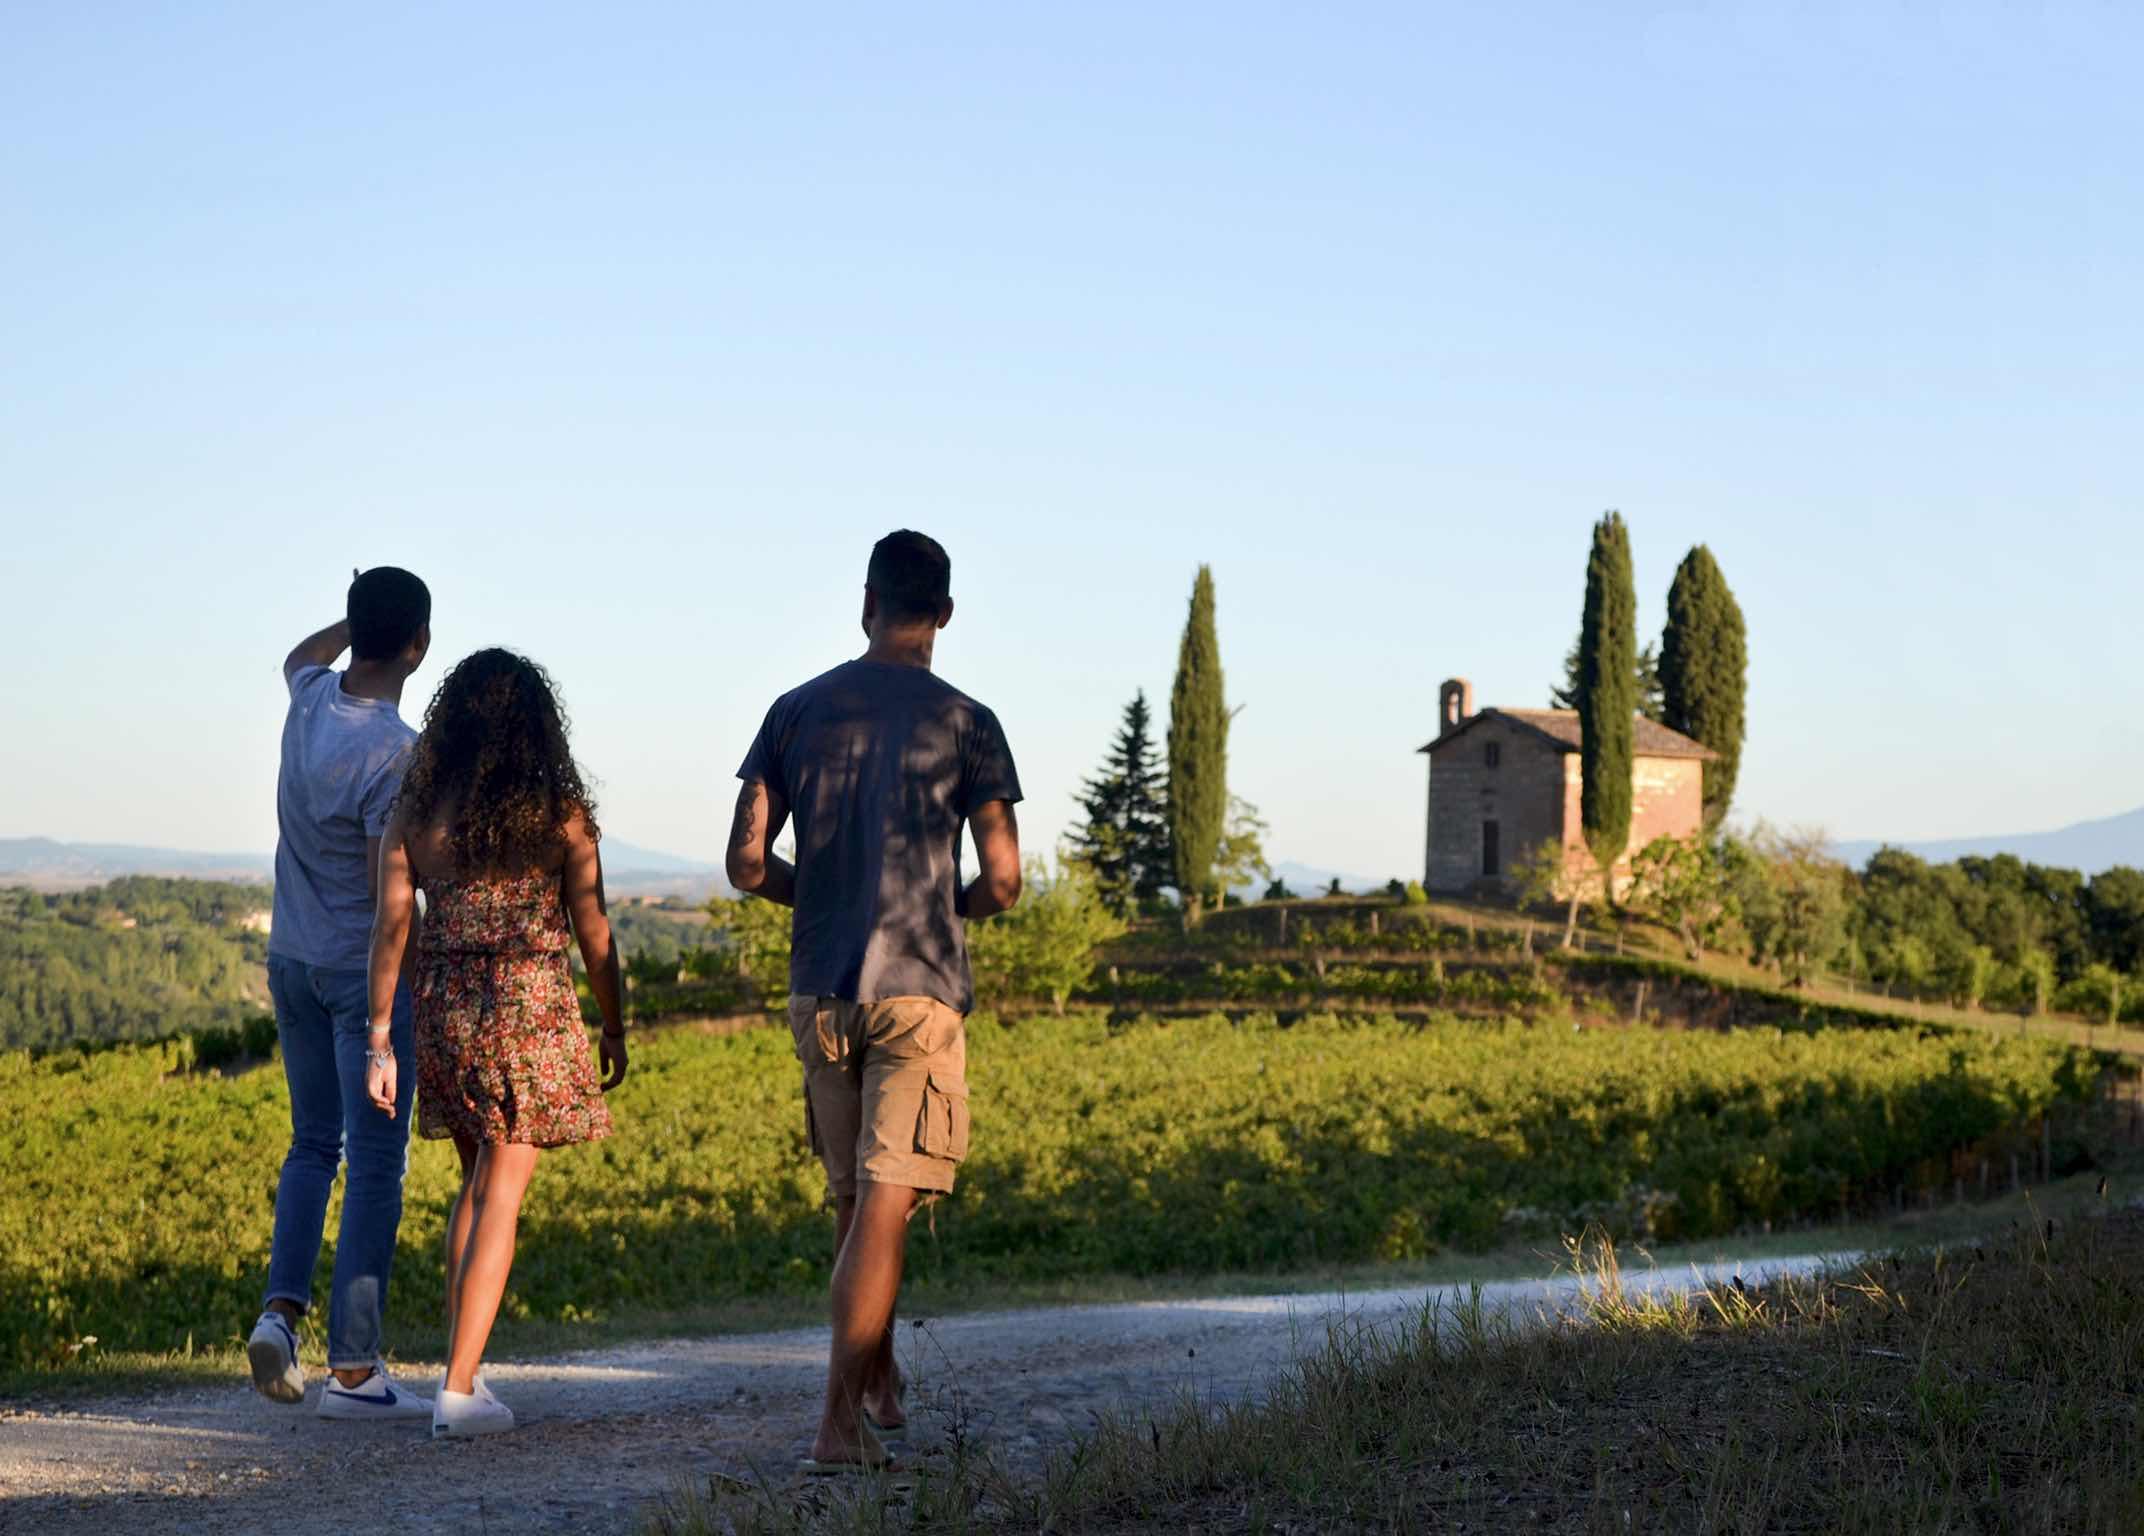 Tre persone camminano nella Tenuta di San Giorgio a Lapi con vista sui campi e sulla chiesa